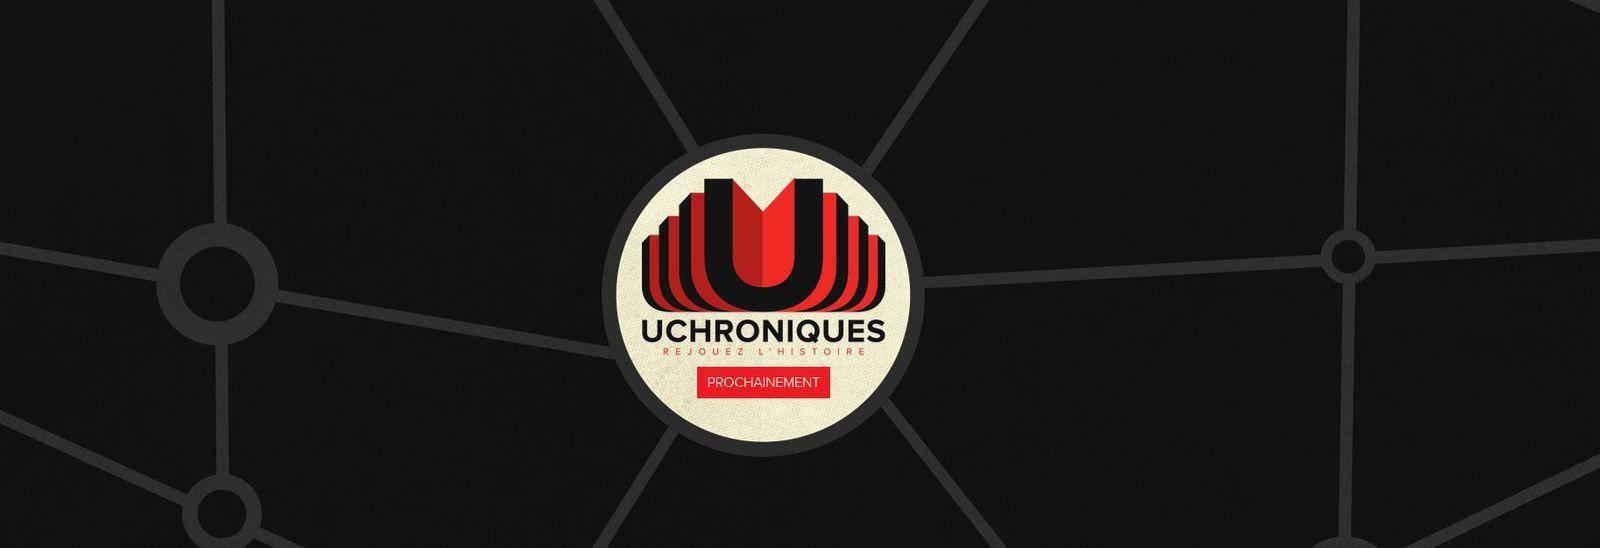 Uchroniques : rejouez l'Histoire prochainement...